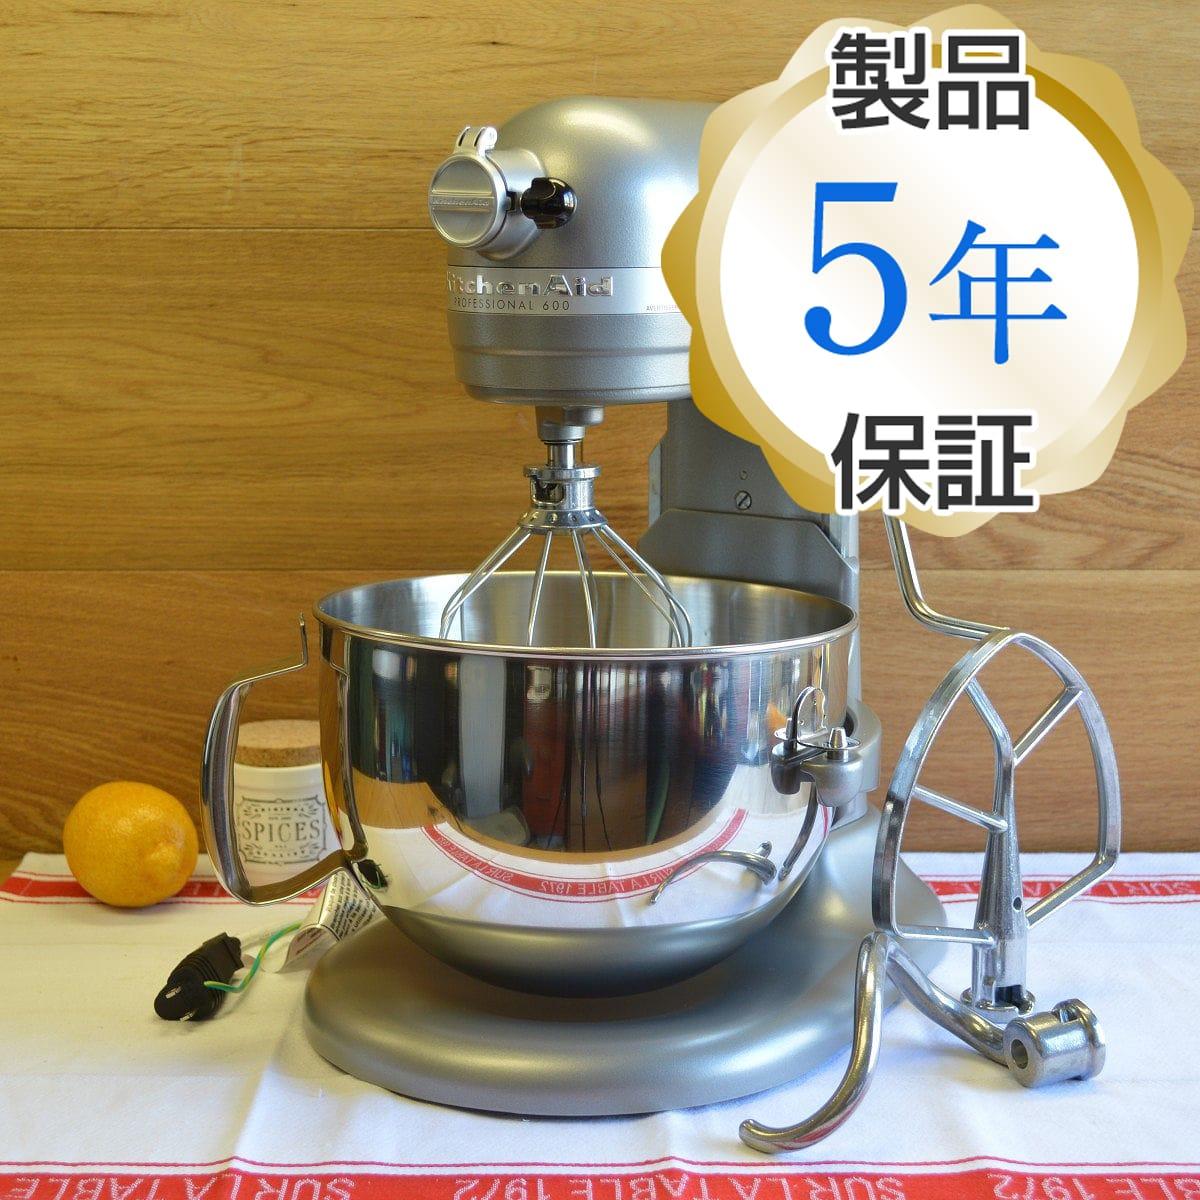 キッチンエイド スタンドミキサー プロフェッショナル 600 5.8L シルバー KitchenAid Stand Mixer KP26M1XSL Silver 【日本語説明書付】 家電